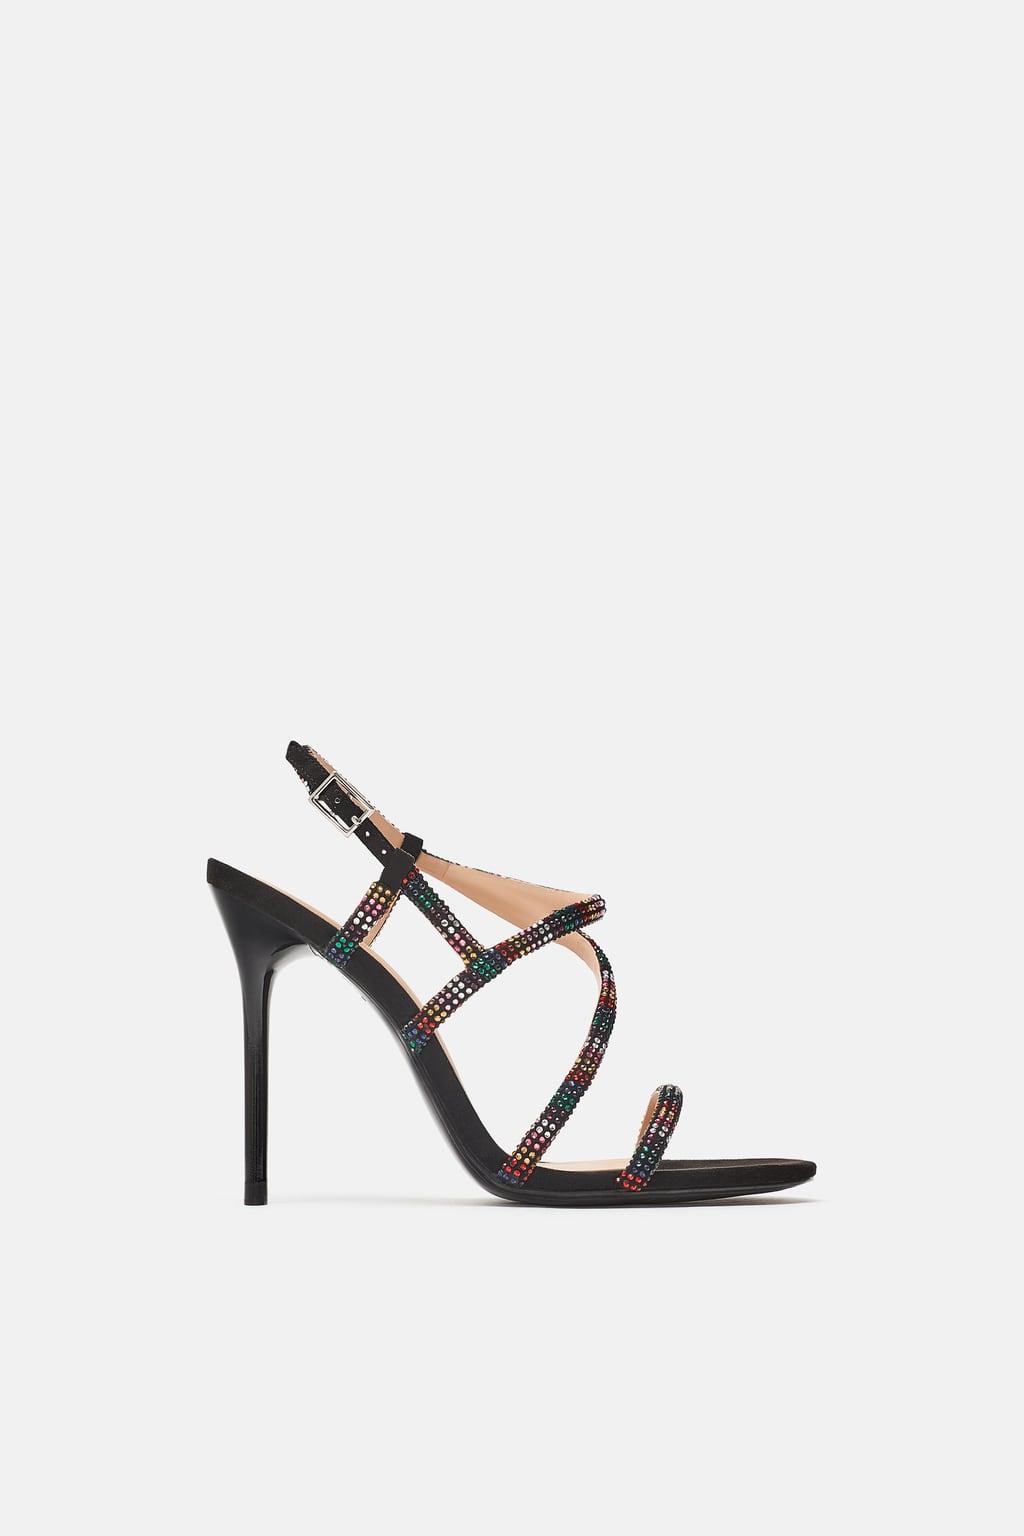 Sandálias Zara, 35,95 euros